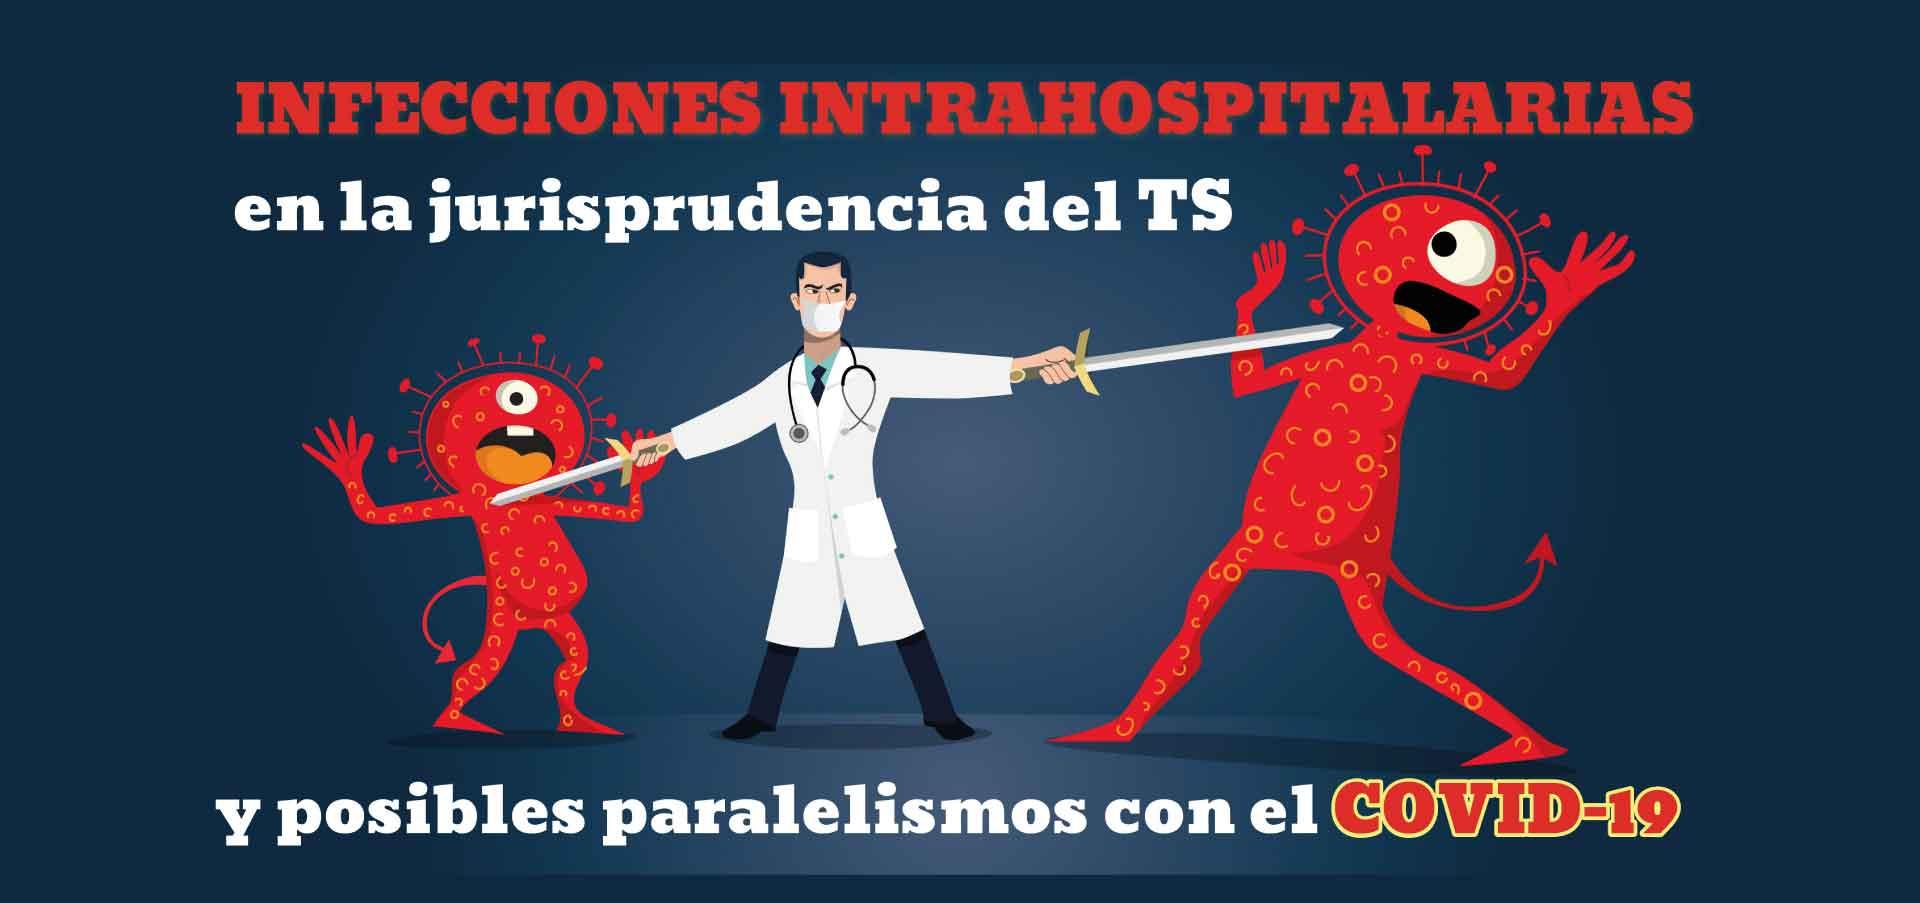 infecciones-intrahospitalarias-covid-19